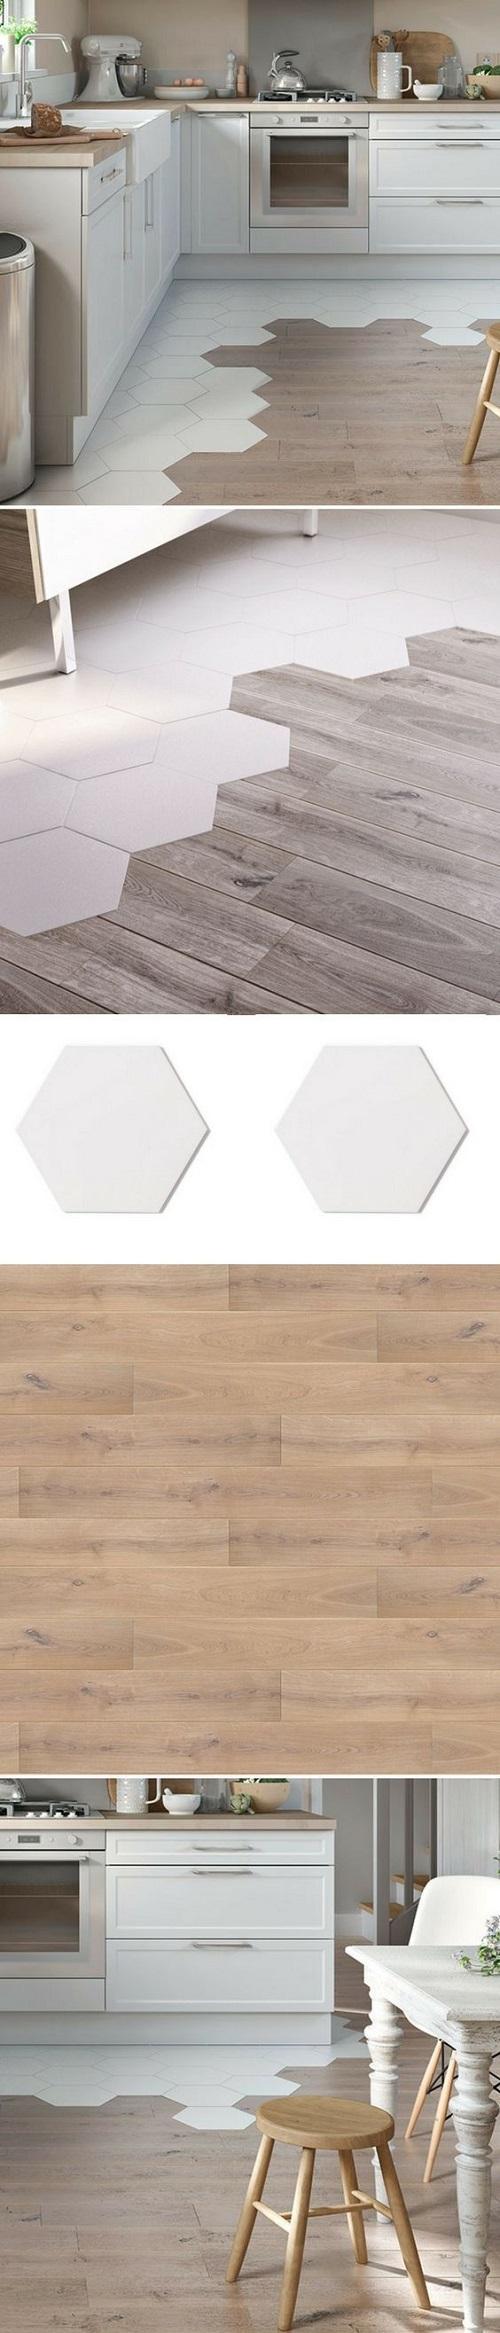 Gạch lục giác màu trắng cho phòng bếp độc đáo